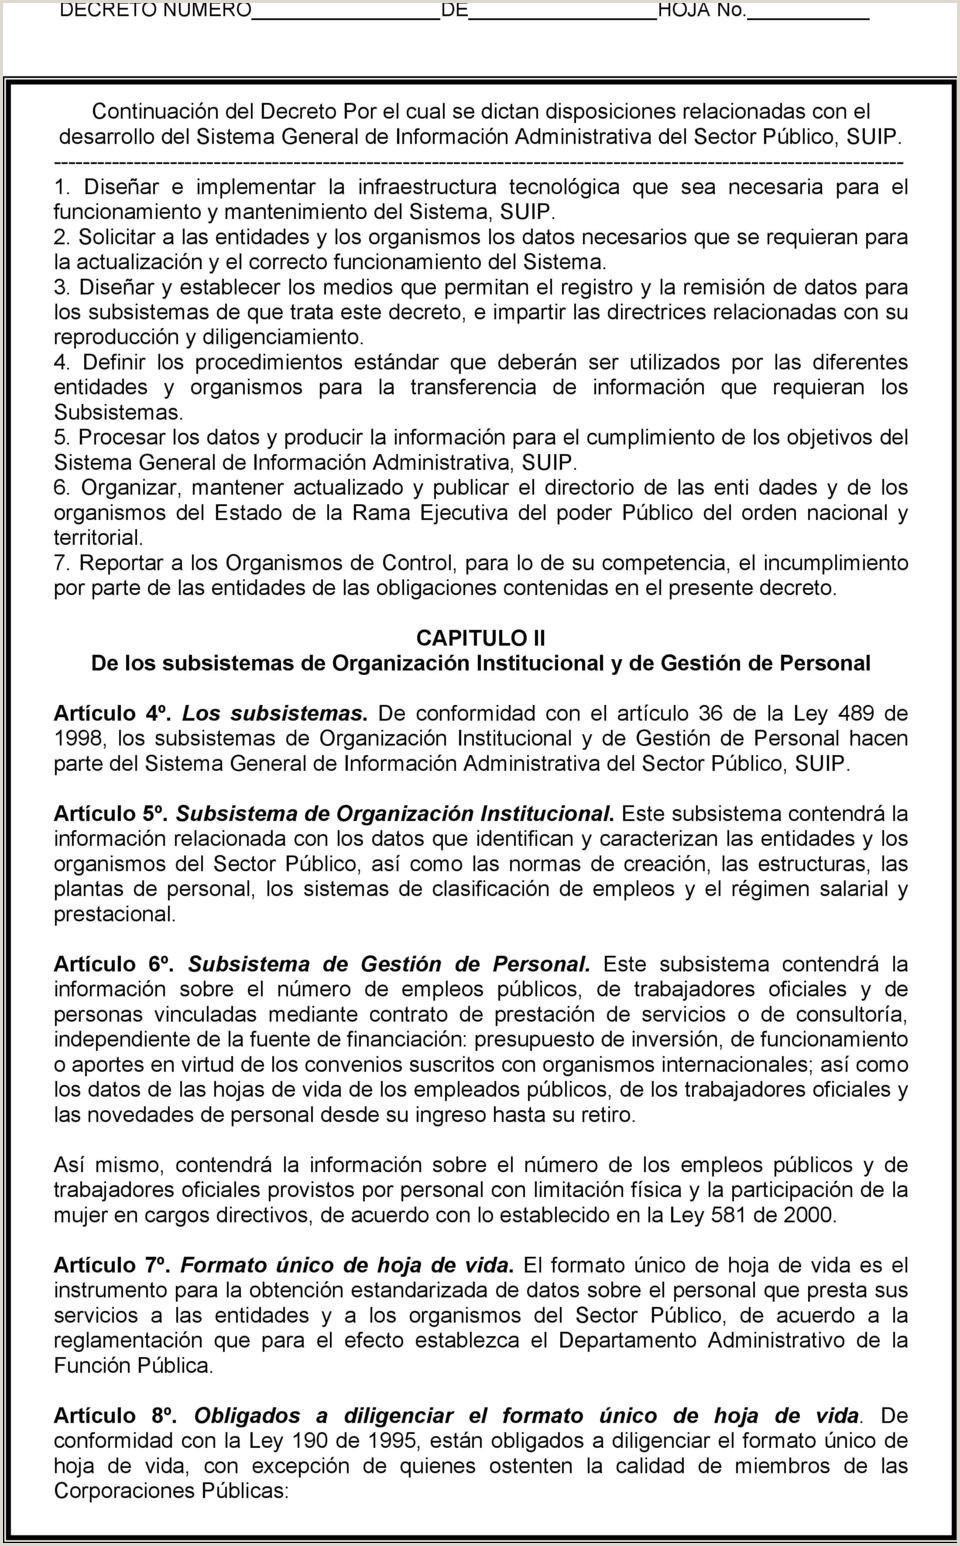 """Hoja De Vida formato Unico Y Declaracion Juramentada De Bienes Y Rentas Departamento Administrativo De La Funci""""n Pšblica Decreto"""